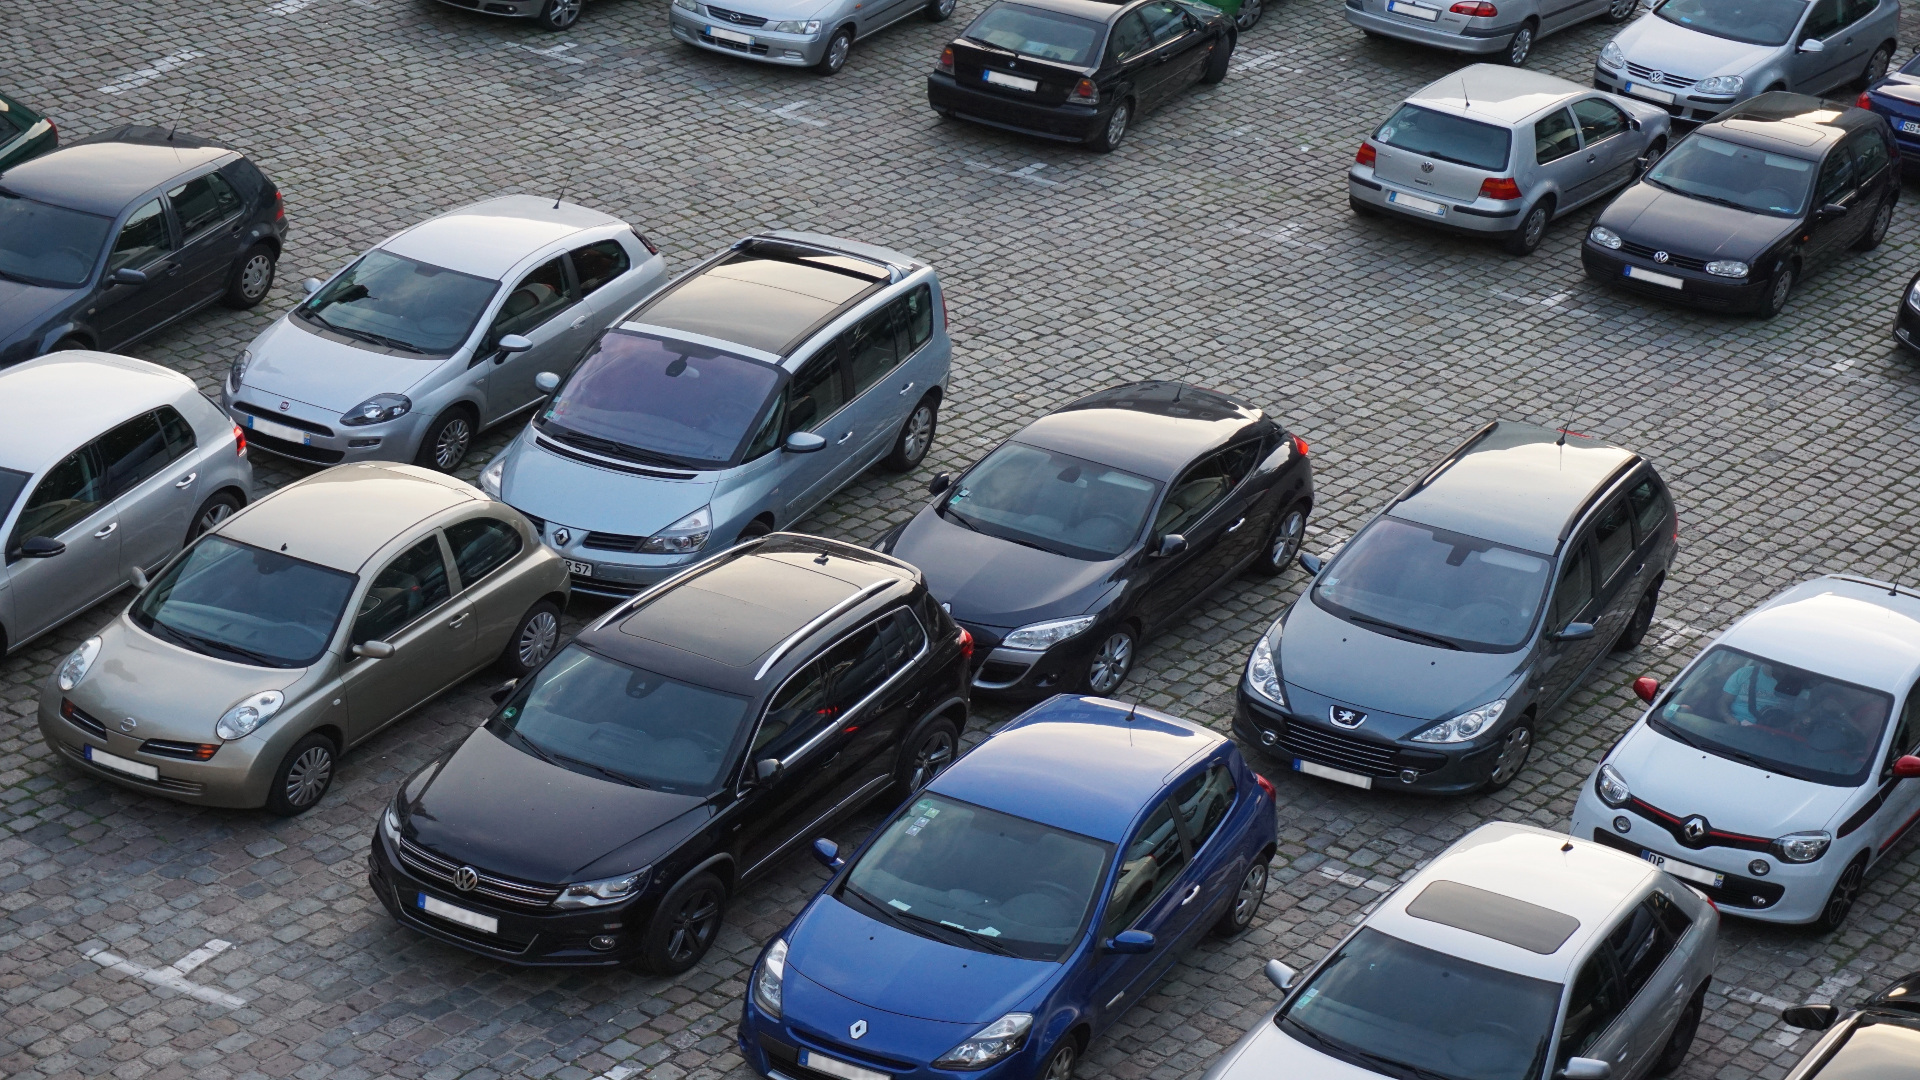 Cuánto tiempo puede estar un coche aparcado en el mismo lugar1920